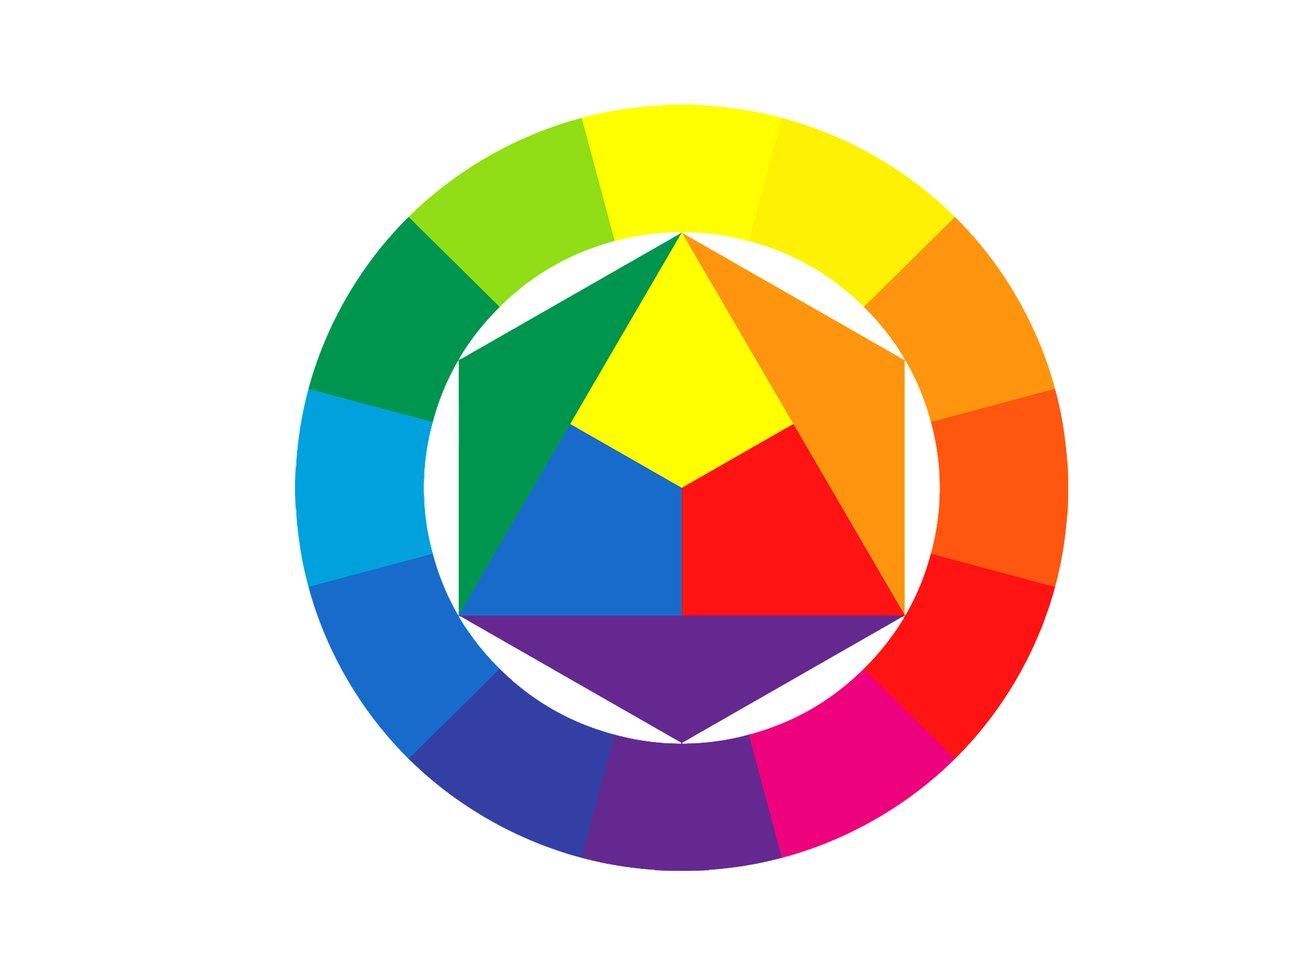 Welche Farben passen zusammen - Farbkreis - Johannes Itten